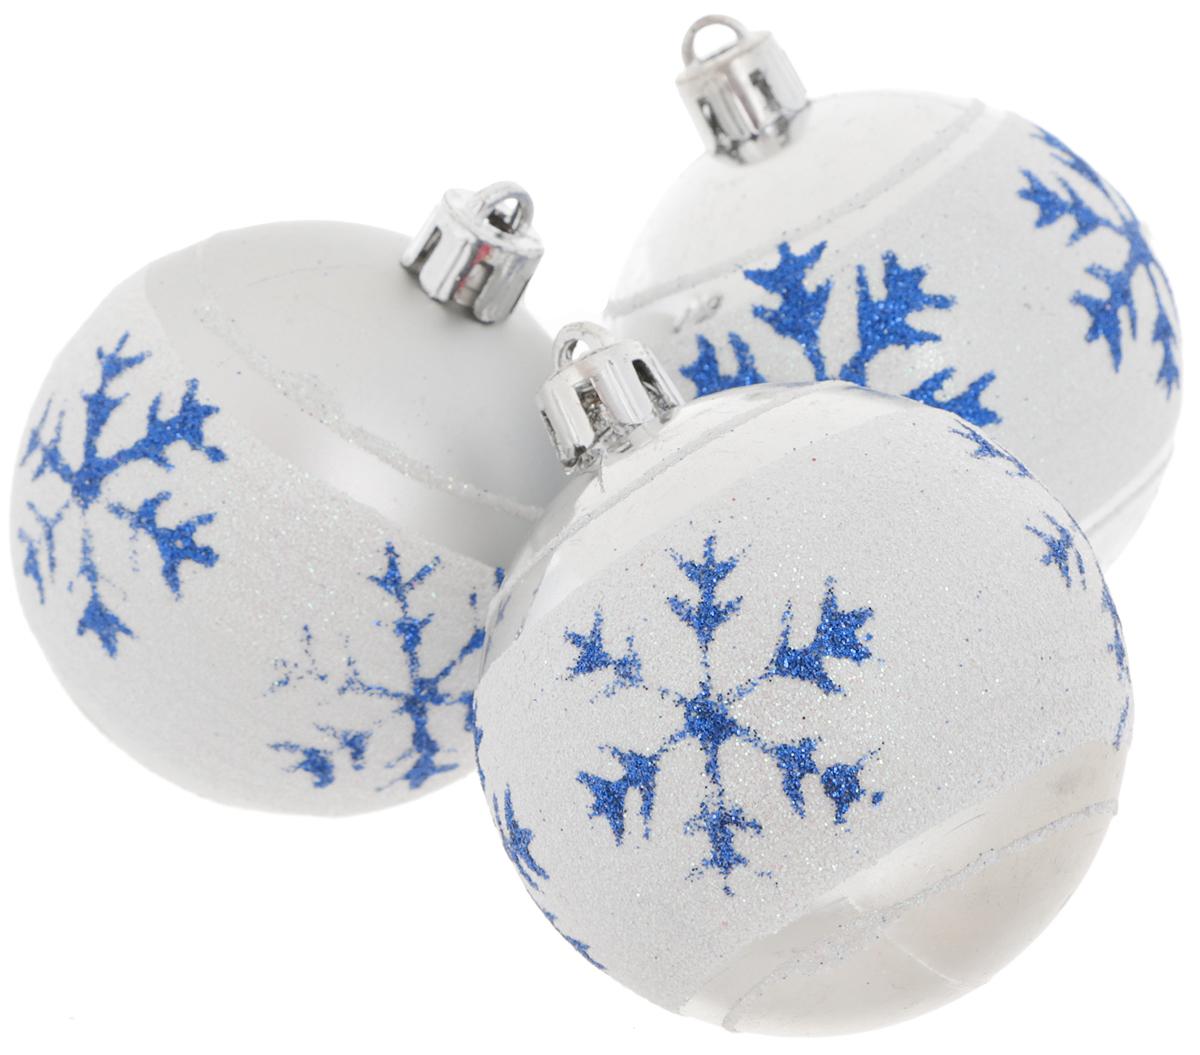 Набор новогодних подвесных украшений EuroHouse, цвет: белый, серебристый, синий, диаметр 6 см, 3 штЕХ9268_белыйНабор новогодних подвесных украшений EuroHouse прекрасно подойдет для праздничного декора новогодней ели. Набор состоит из 3 пластиковых украшений в виде глянцевых шаров с белой полоской и синими снежинками. Для удобного размещения на елке для каждого изделия предусмотрена текстильная петелька. Елочная игрушка - символ Нового года. Она несет в себе волшебство и красоту праздника. Создайте в своем доме атмосферу веселья и радости, украшая новогоднюю елку нарядными игрушками, которые будут из года в год накапливать теплоту воспоминаний.